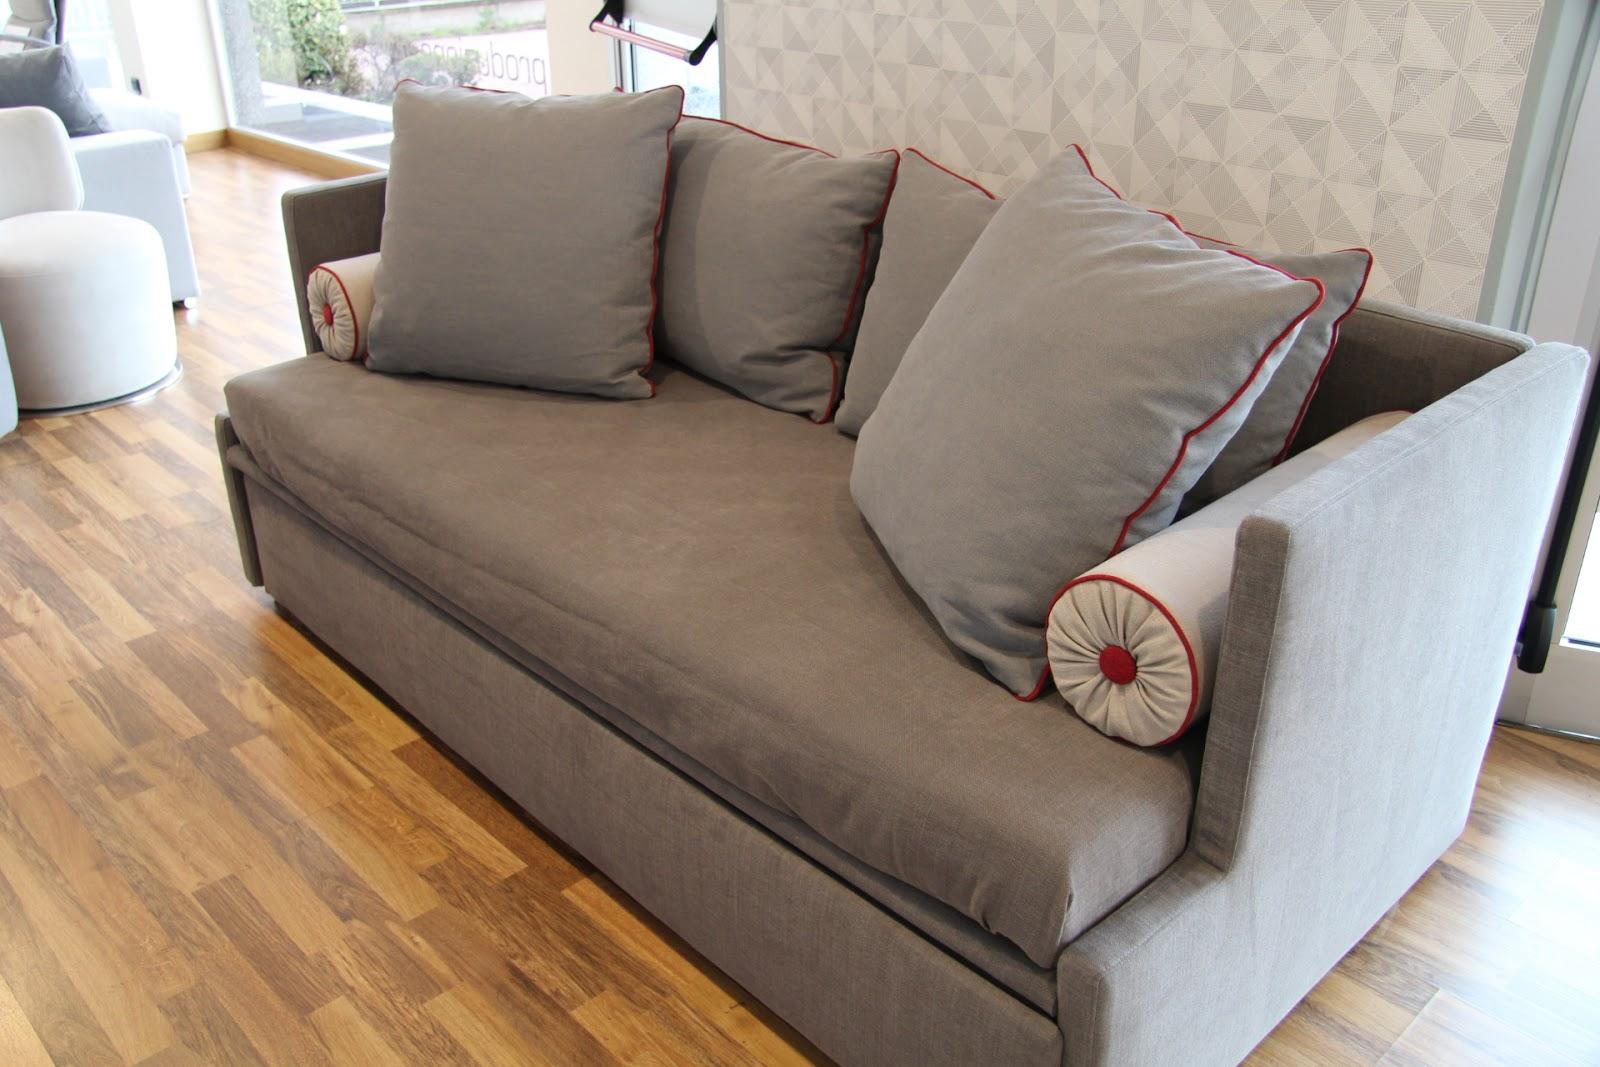 Santambrogio Salotti: produzione e vendita di divani e letti ...